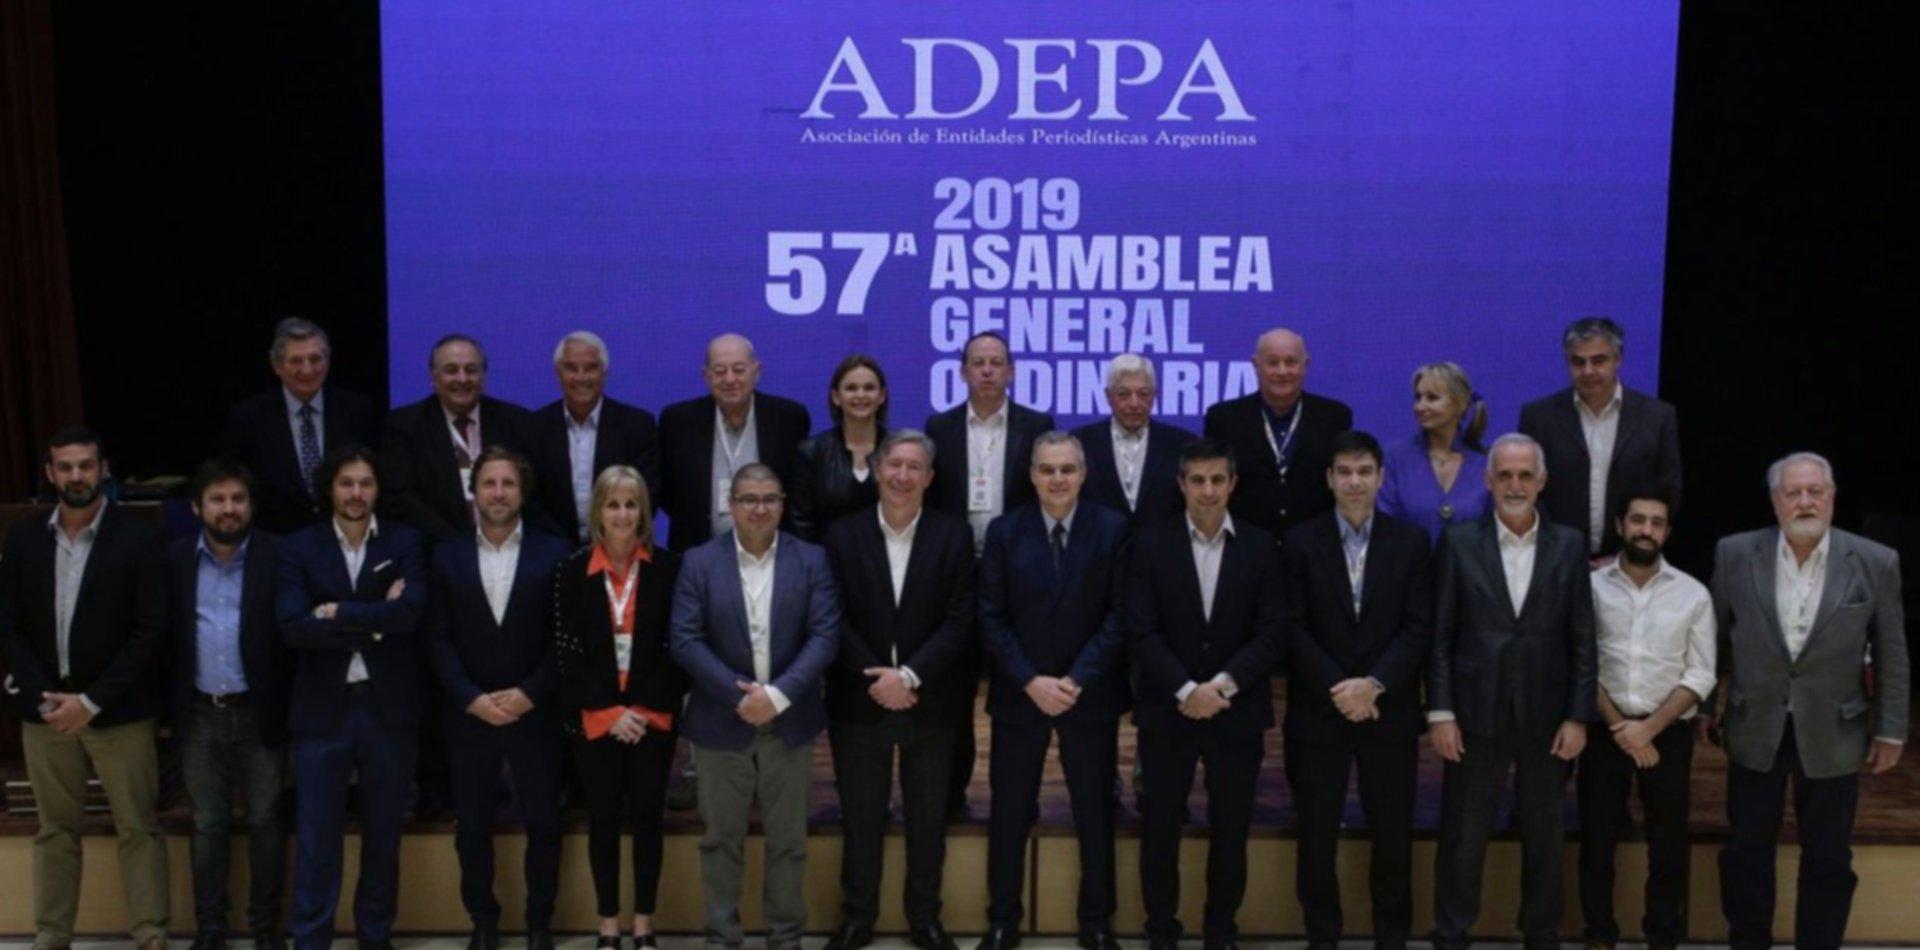 ADEPA constituyó el nuevo Consejo Ejecutivo para el período 2019-2020